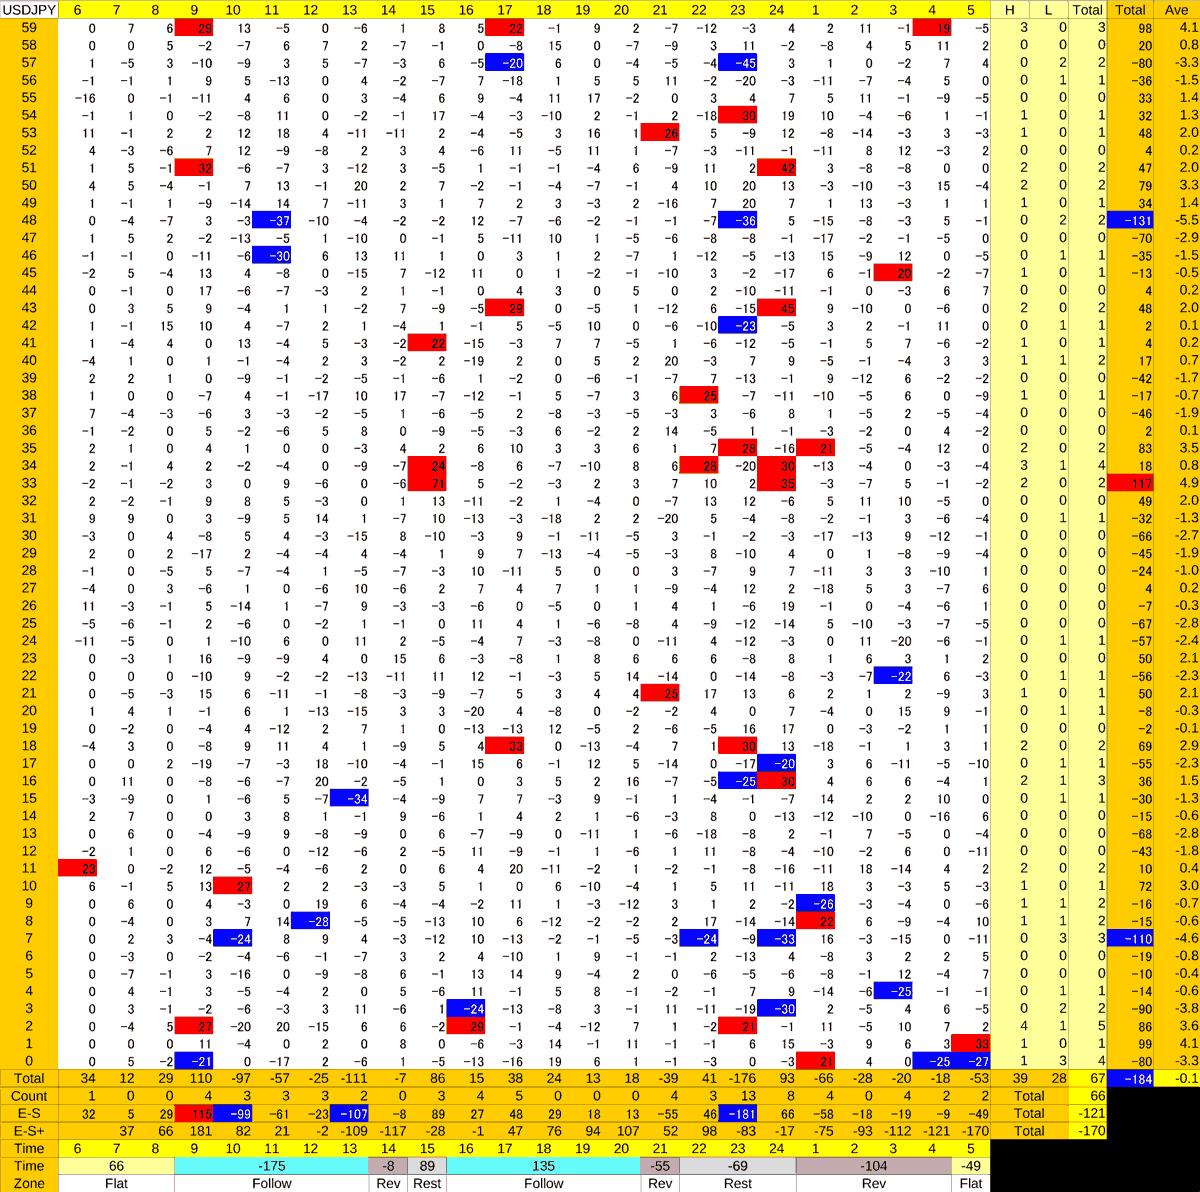 20200930_HS(1)USDJPY